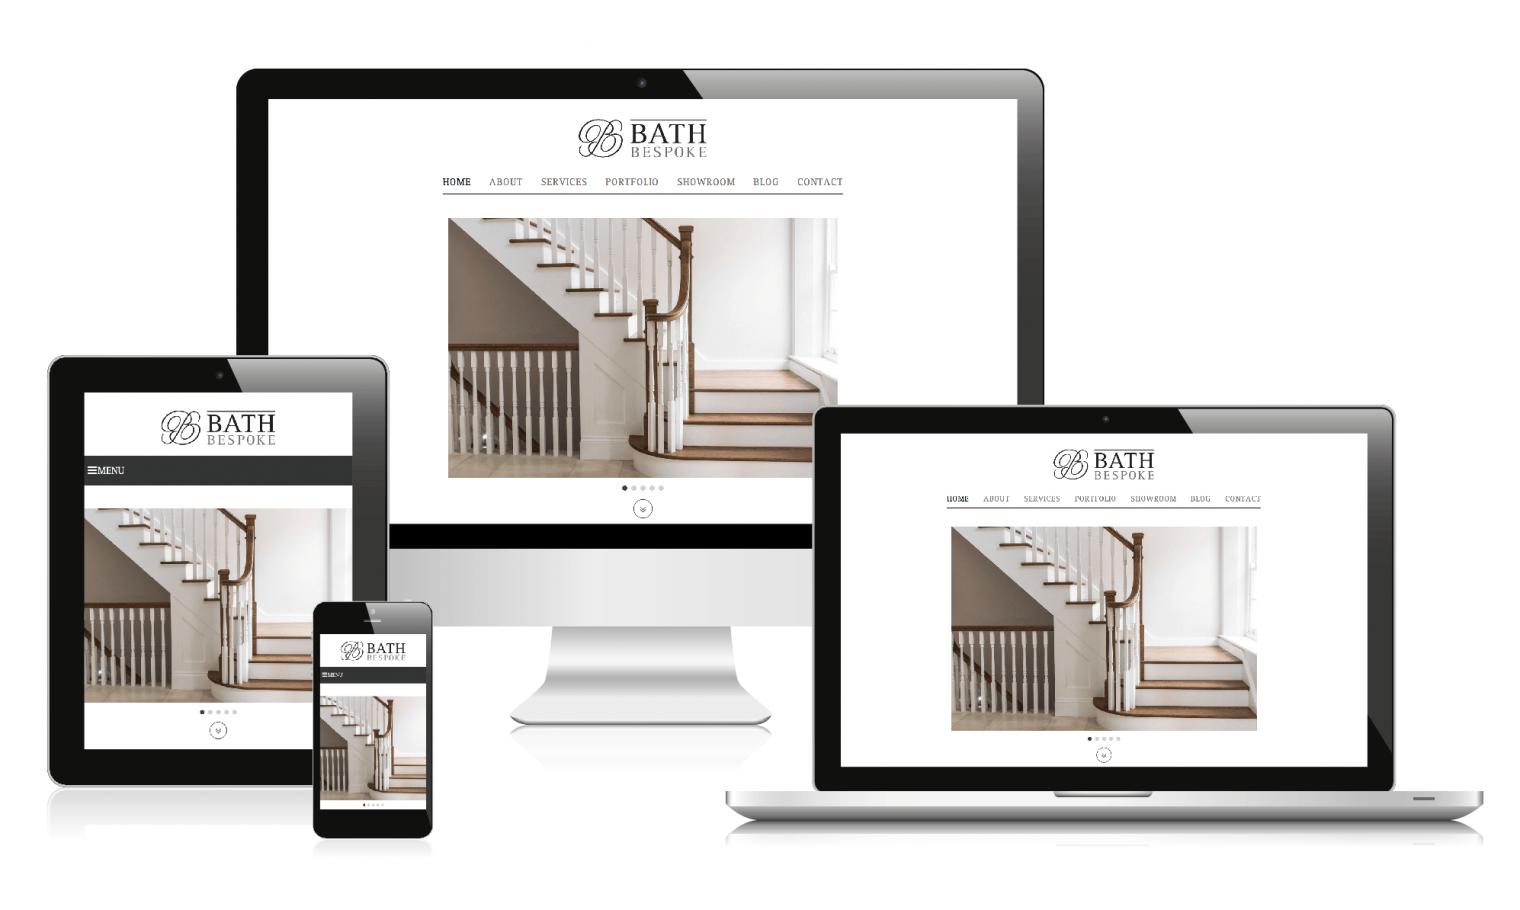 Responsive Website Design Layouts